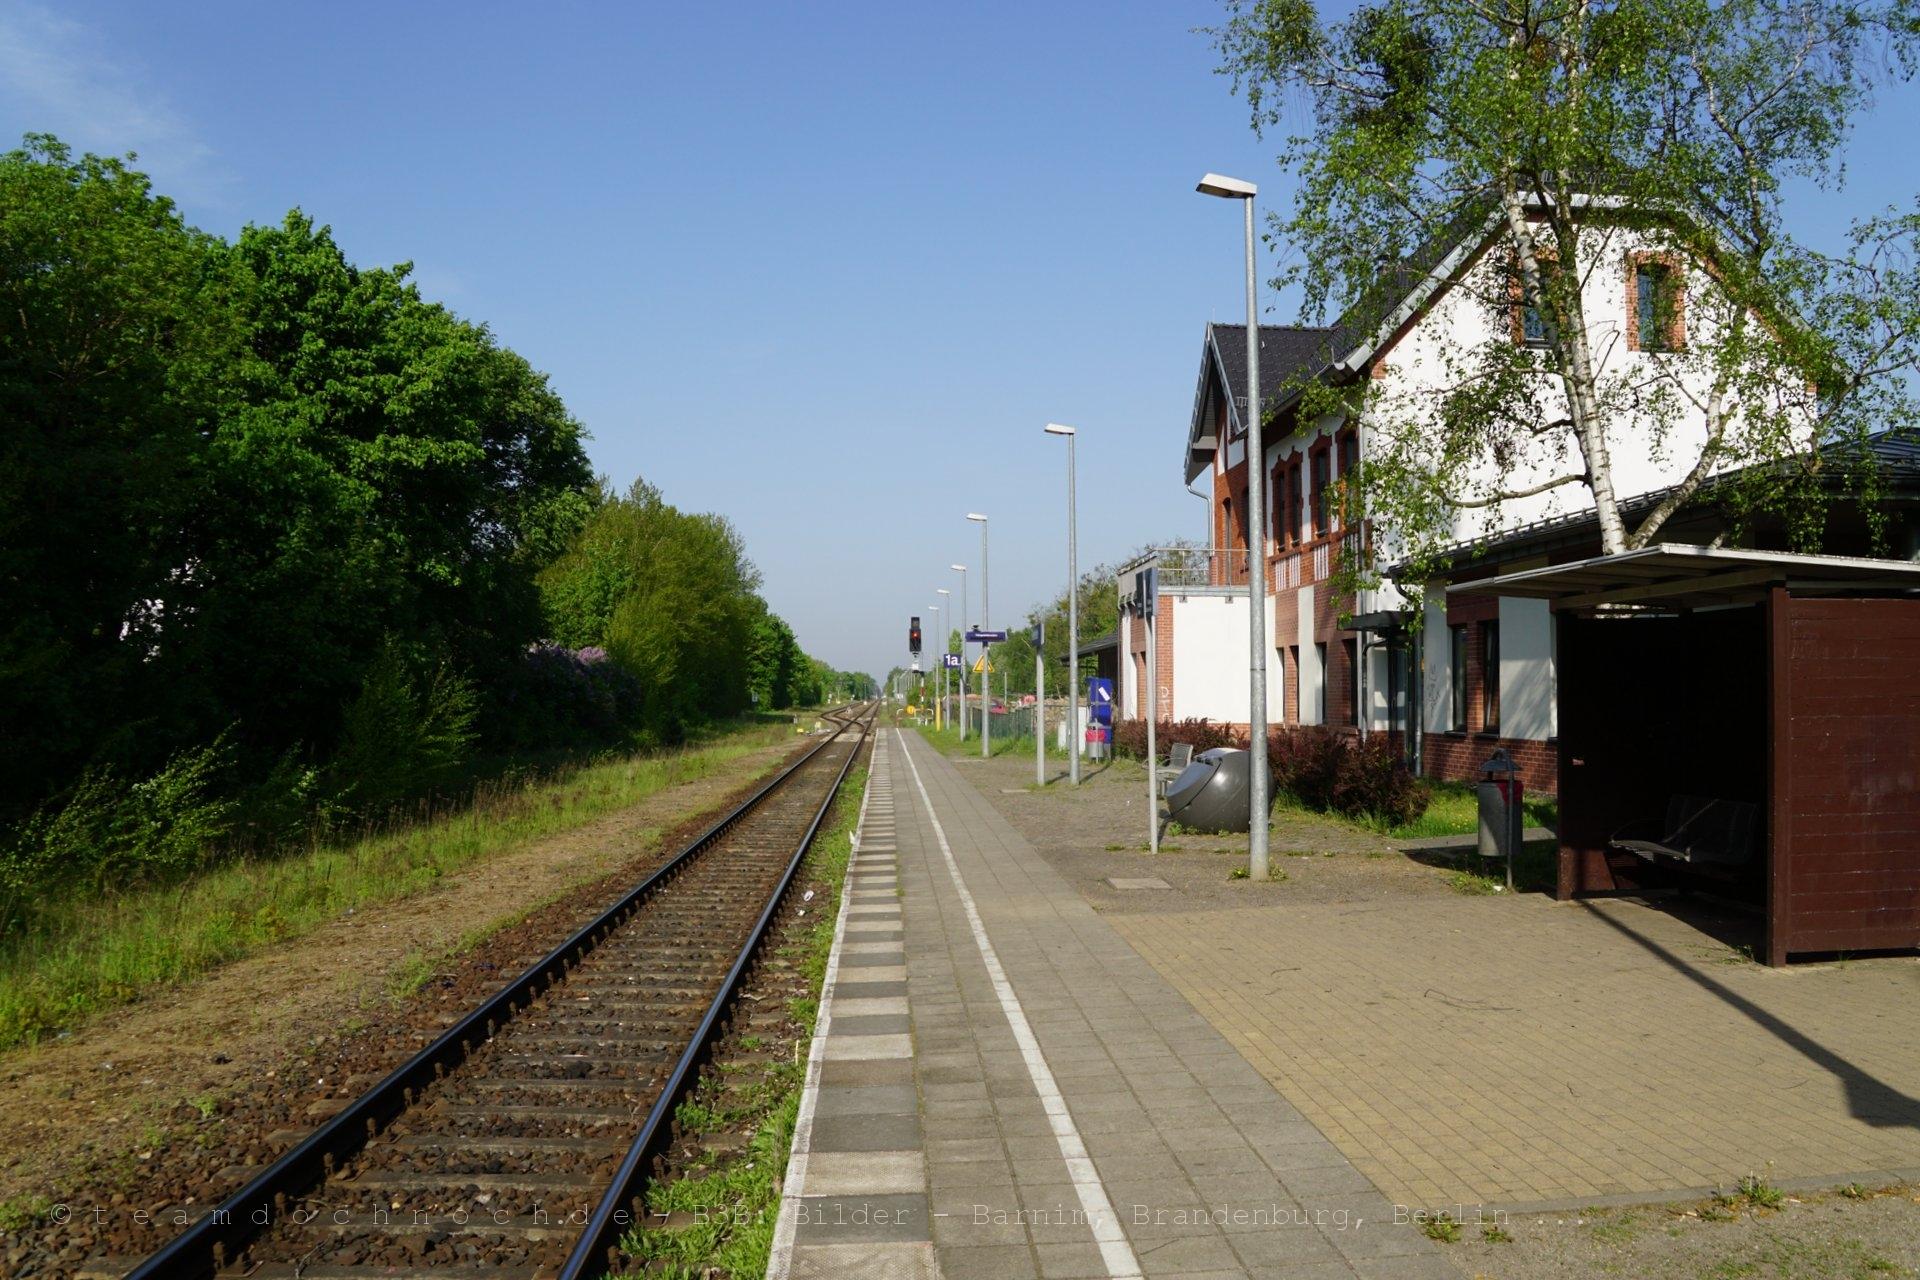 Bahnhof Rehfelde an der Ostbahn